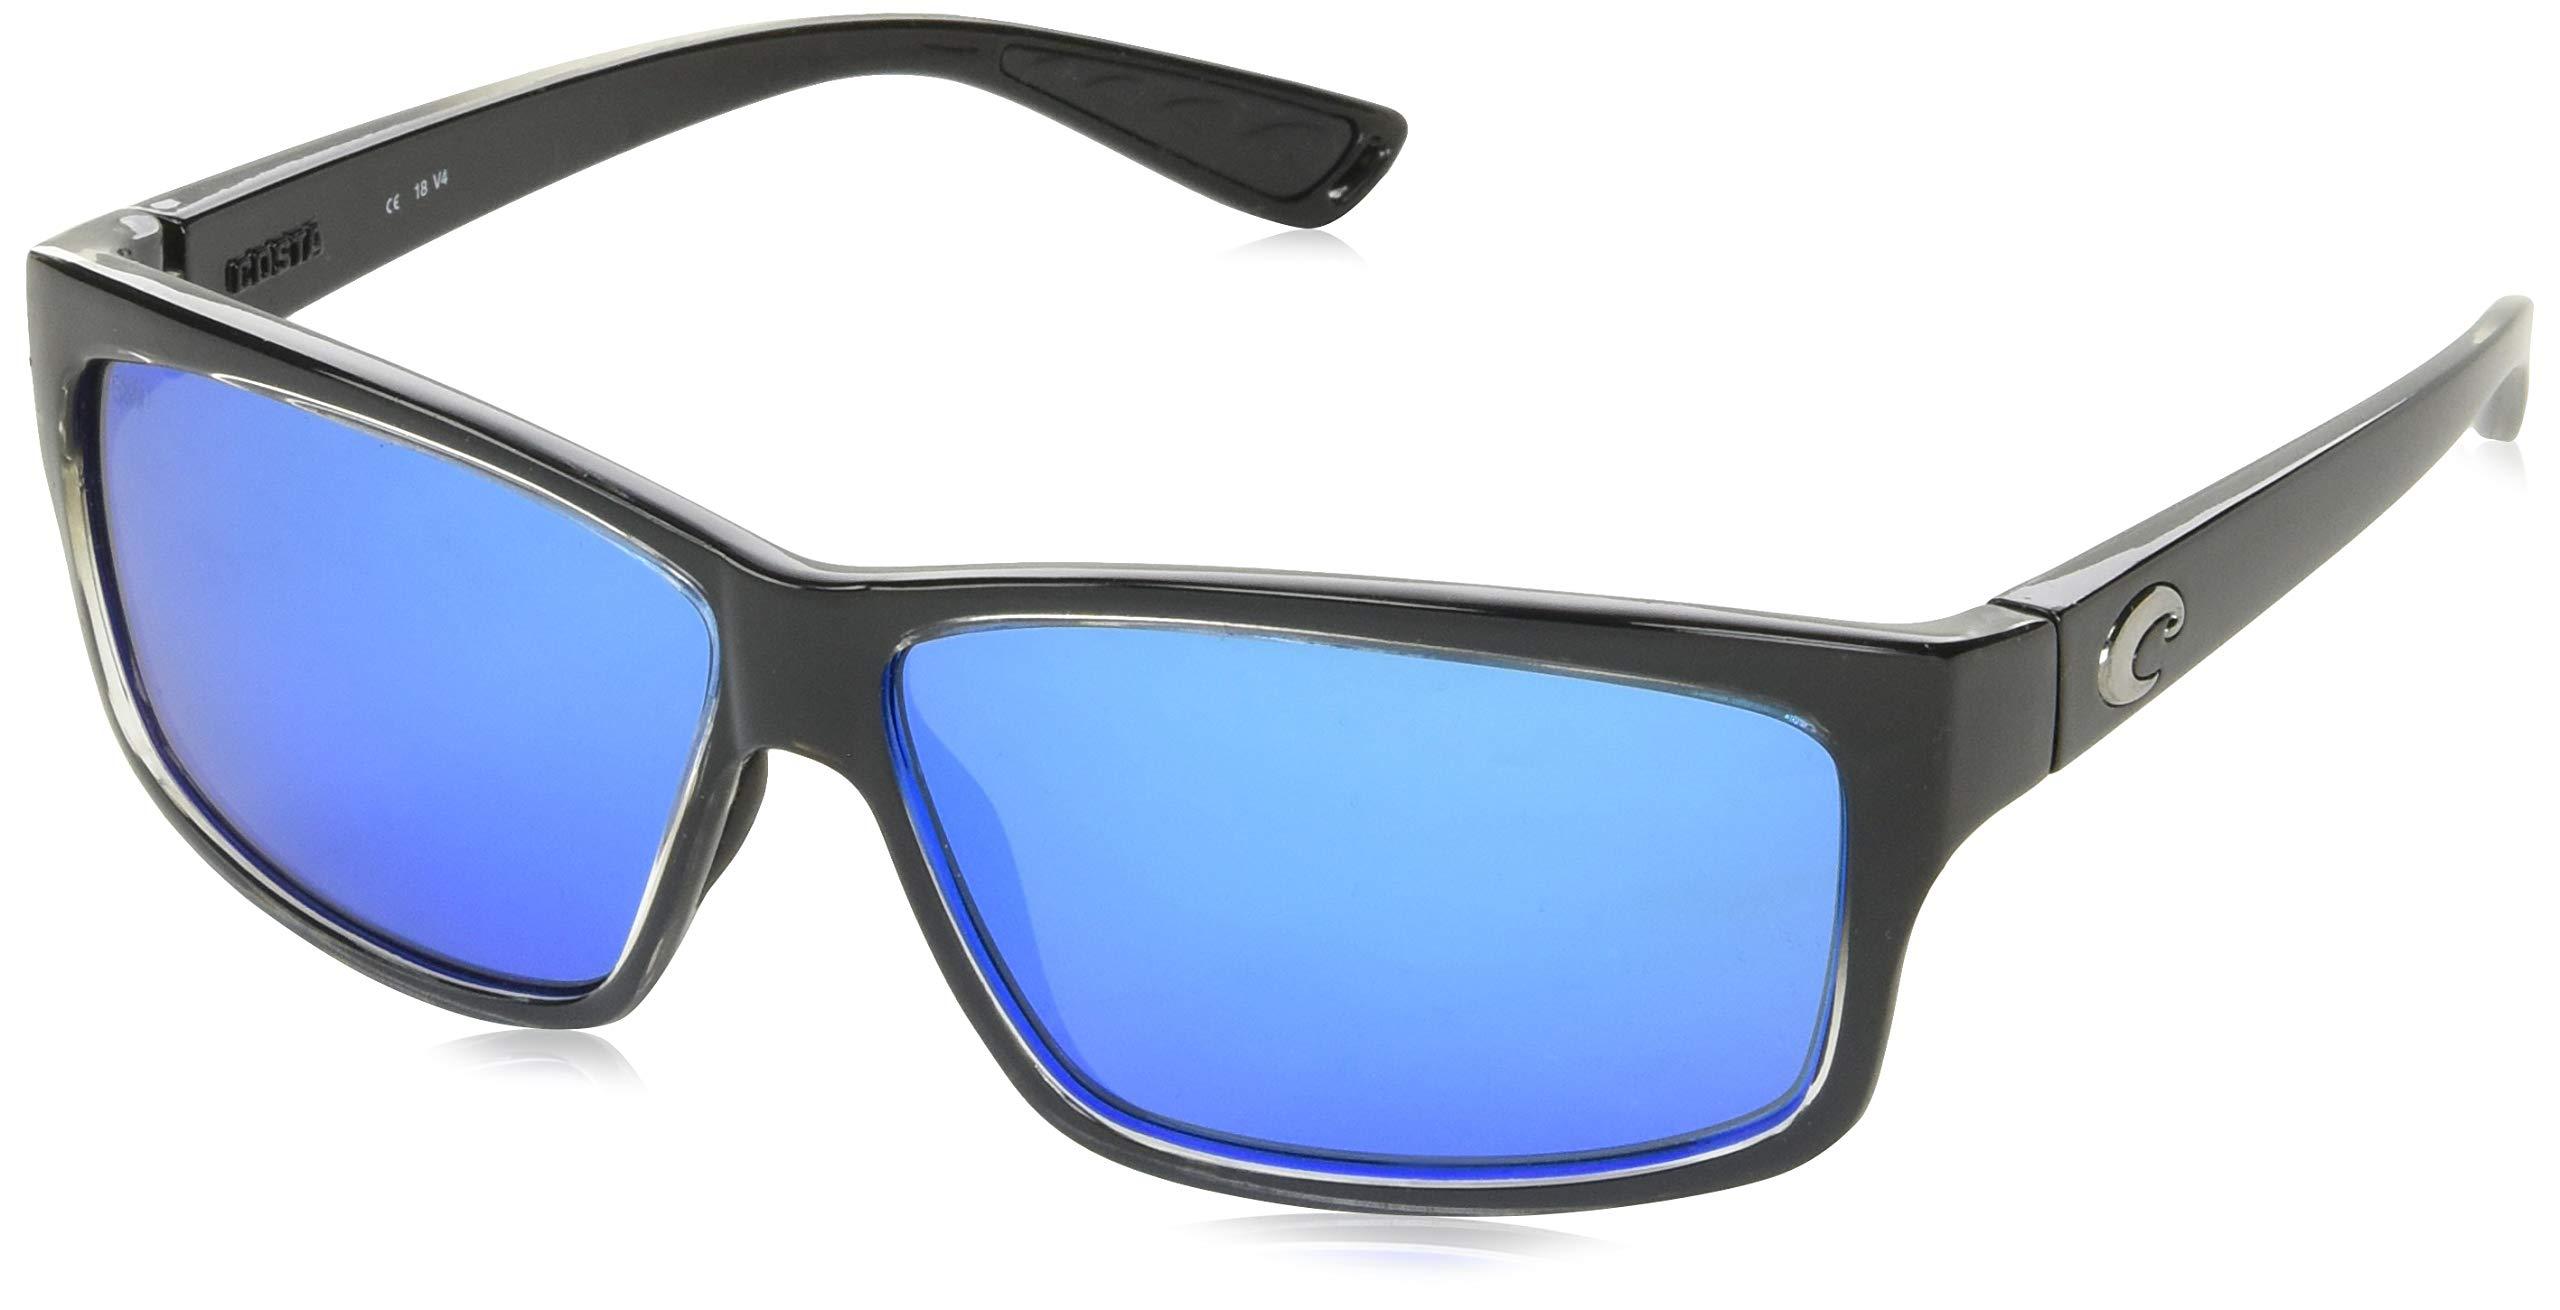 Costa Del Mar Cut 580G Cut, Squall Blue Mirror, Blue Mirror